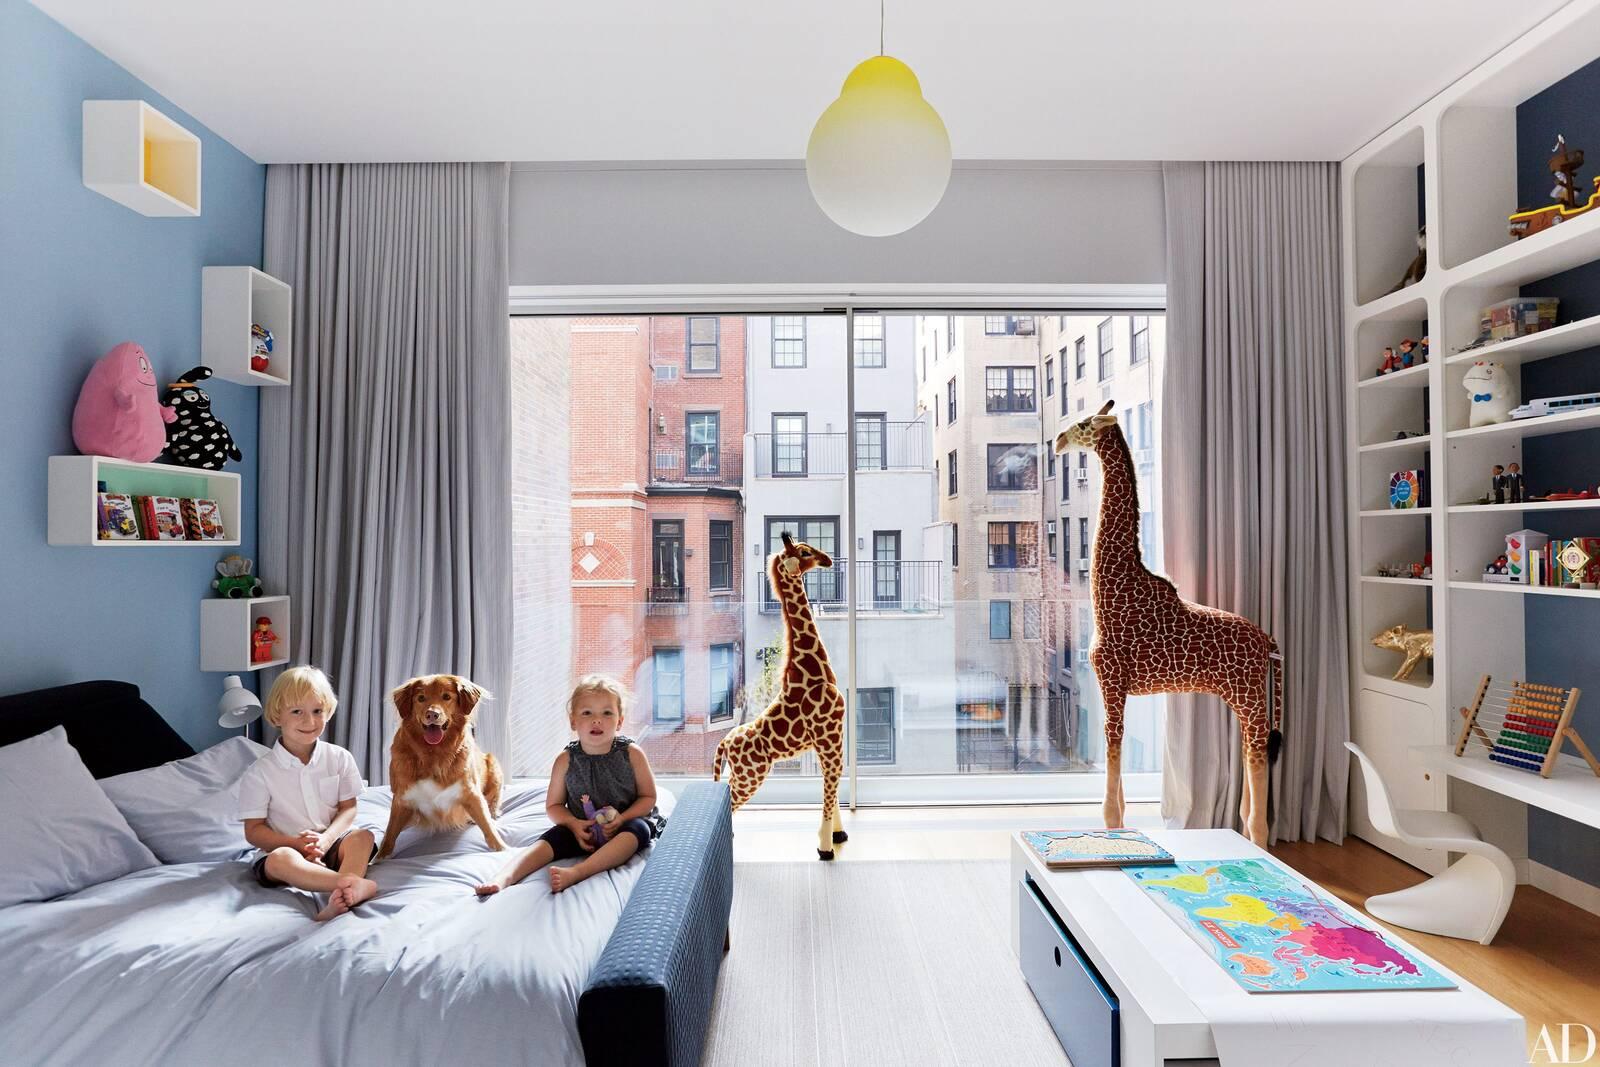 kid-bedrooms-03.jpg